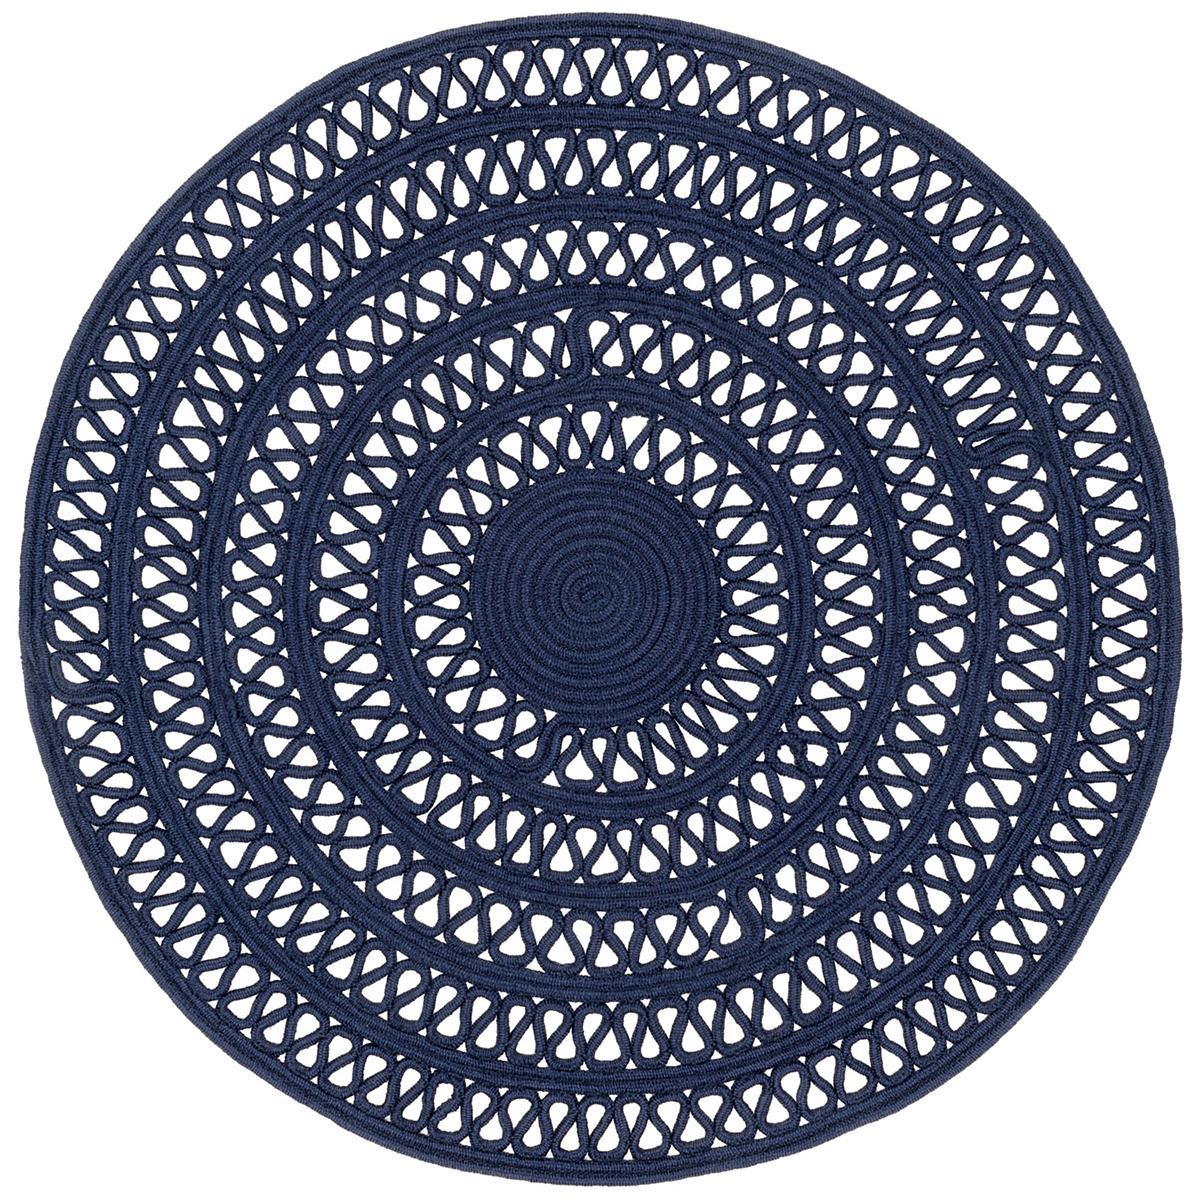 Bowline Navy Indoor/Outdoor Round Rug